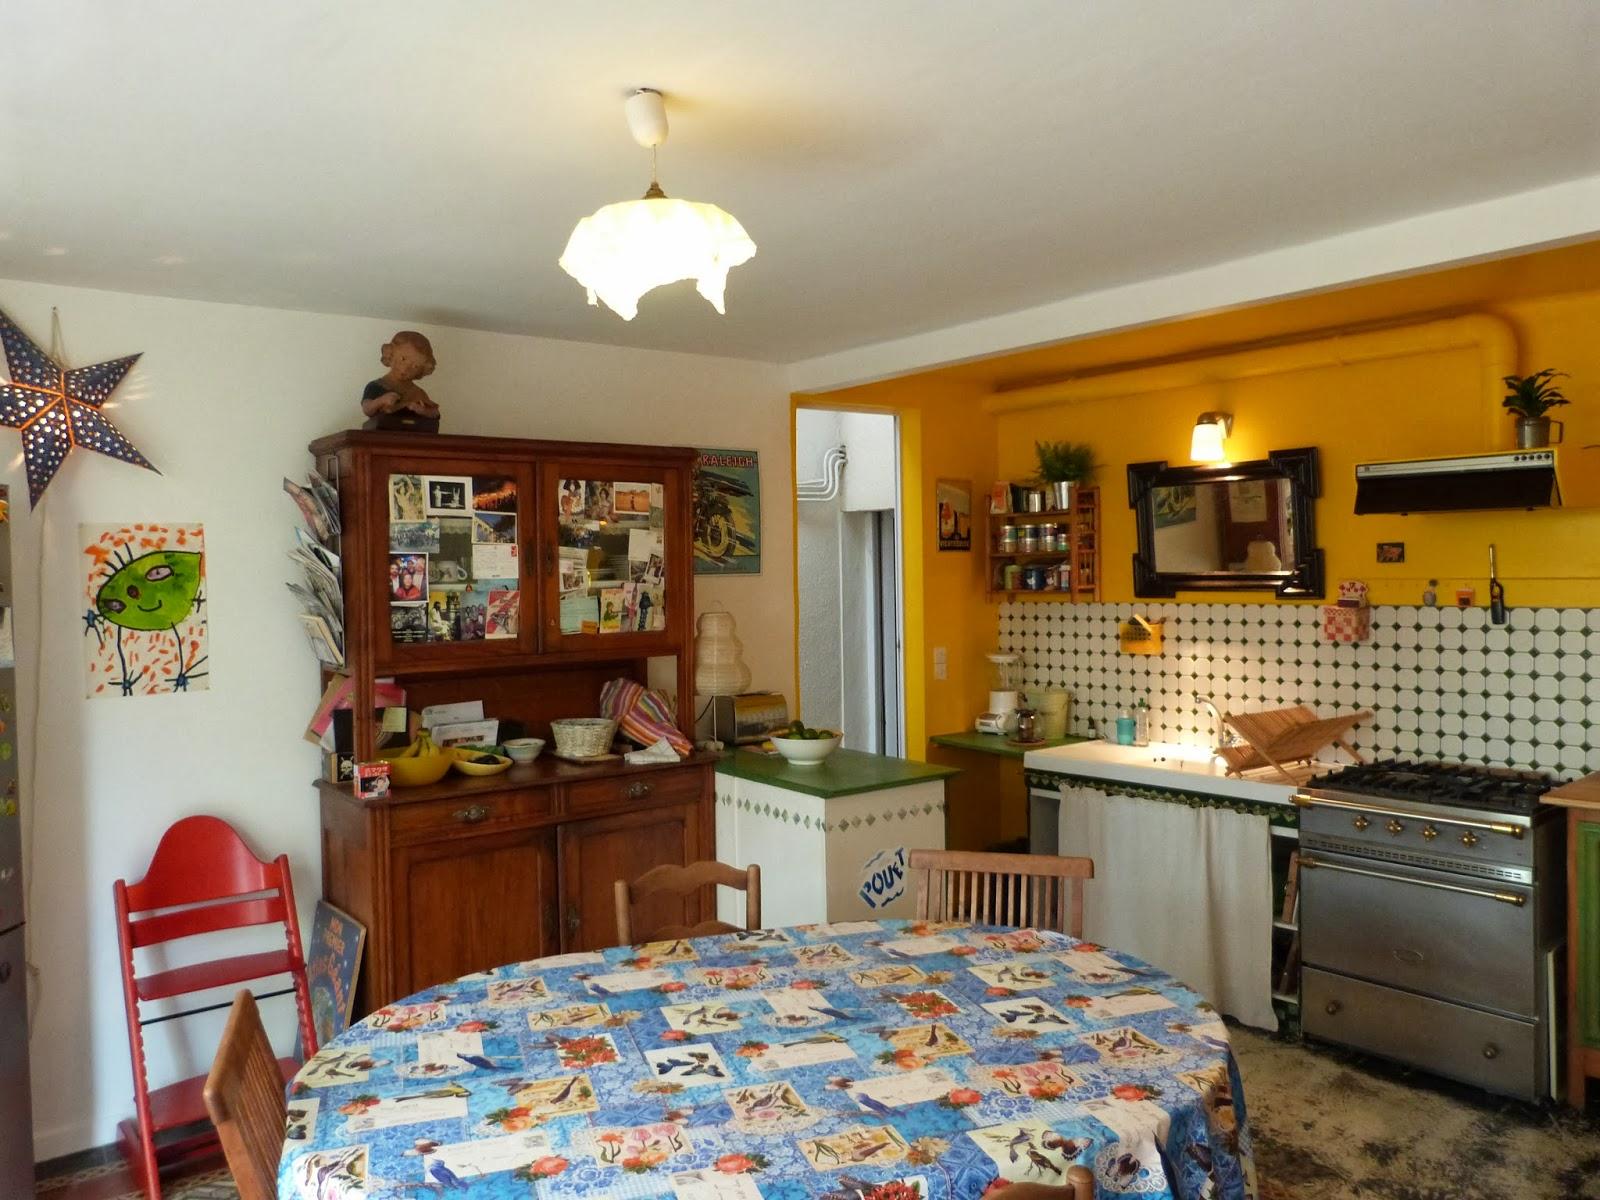 Fanny le gall d coration du soleil dans la cuisine - Le soleil dans la cuisine ...